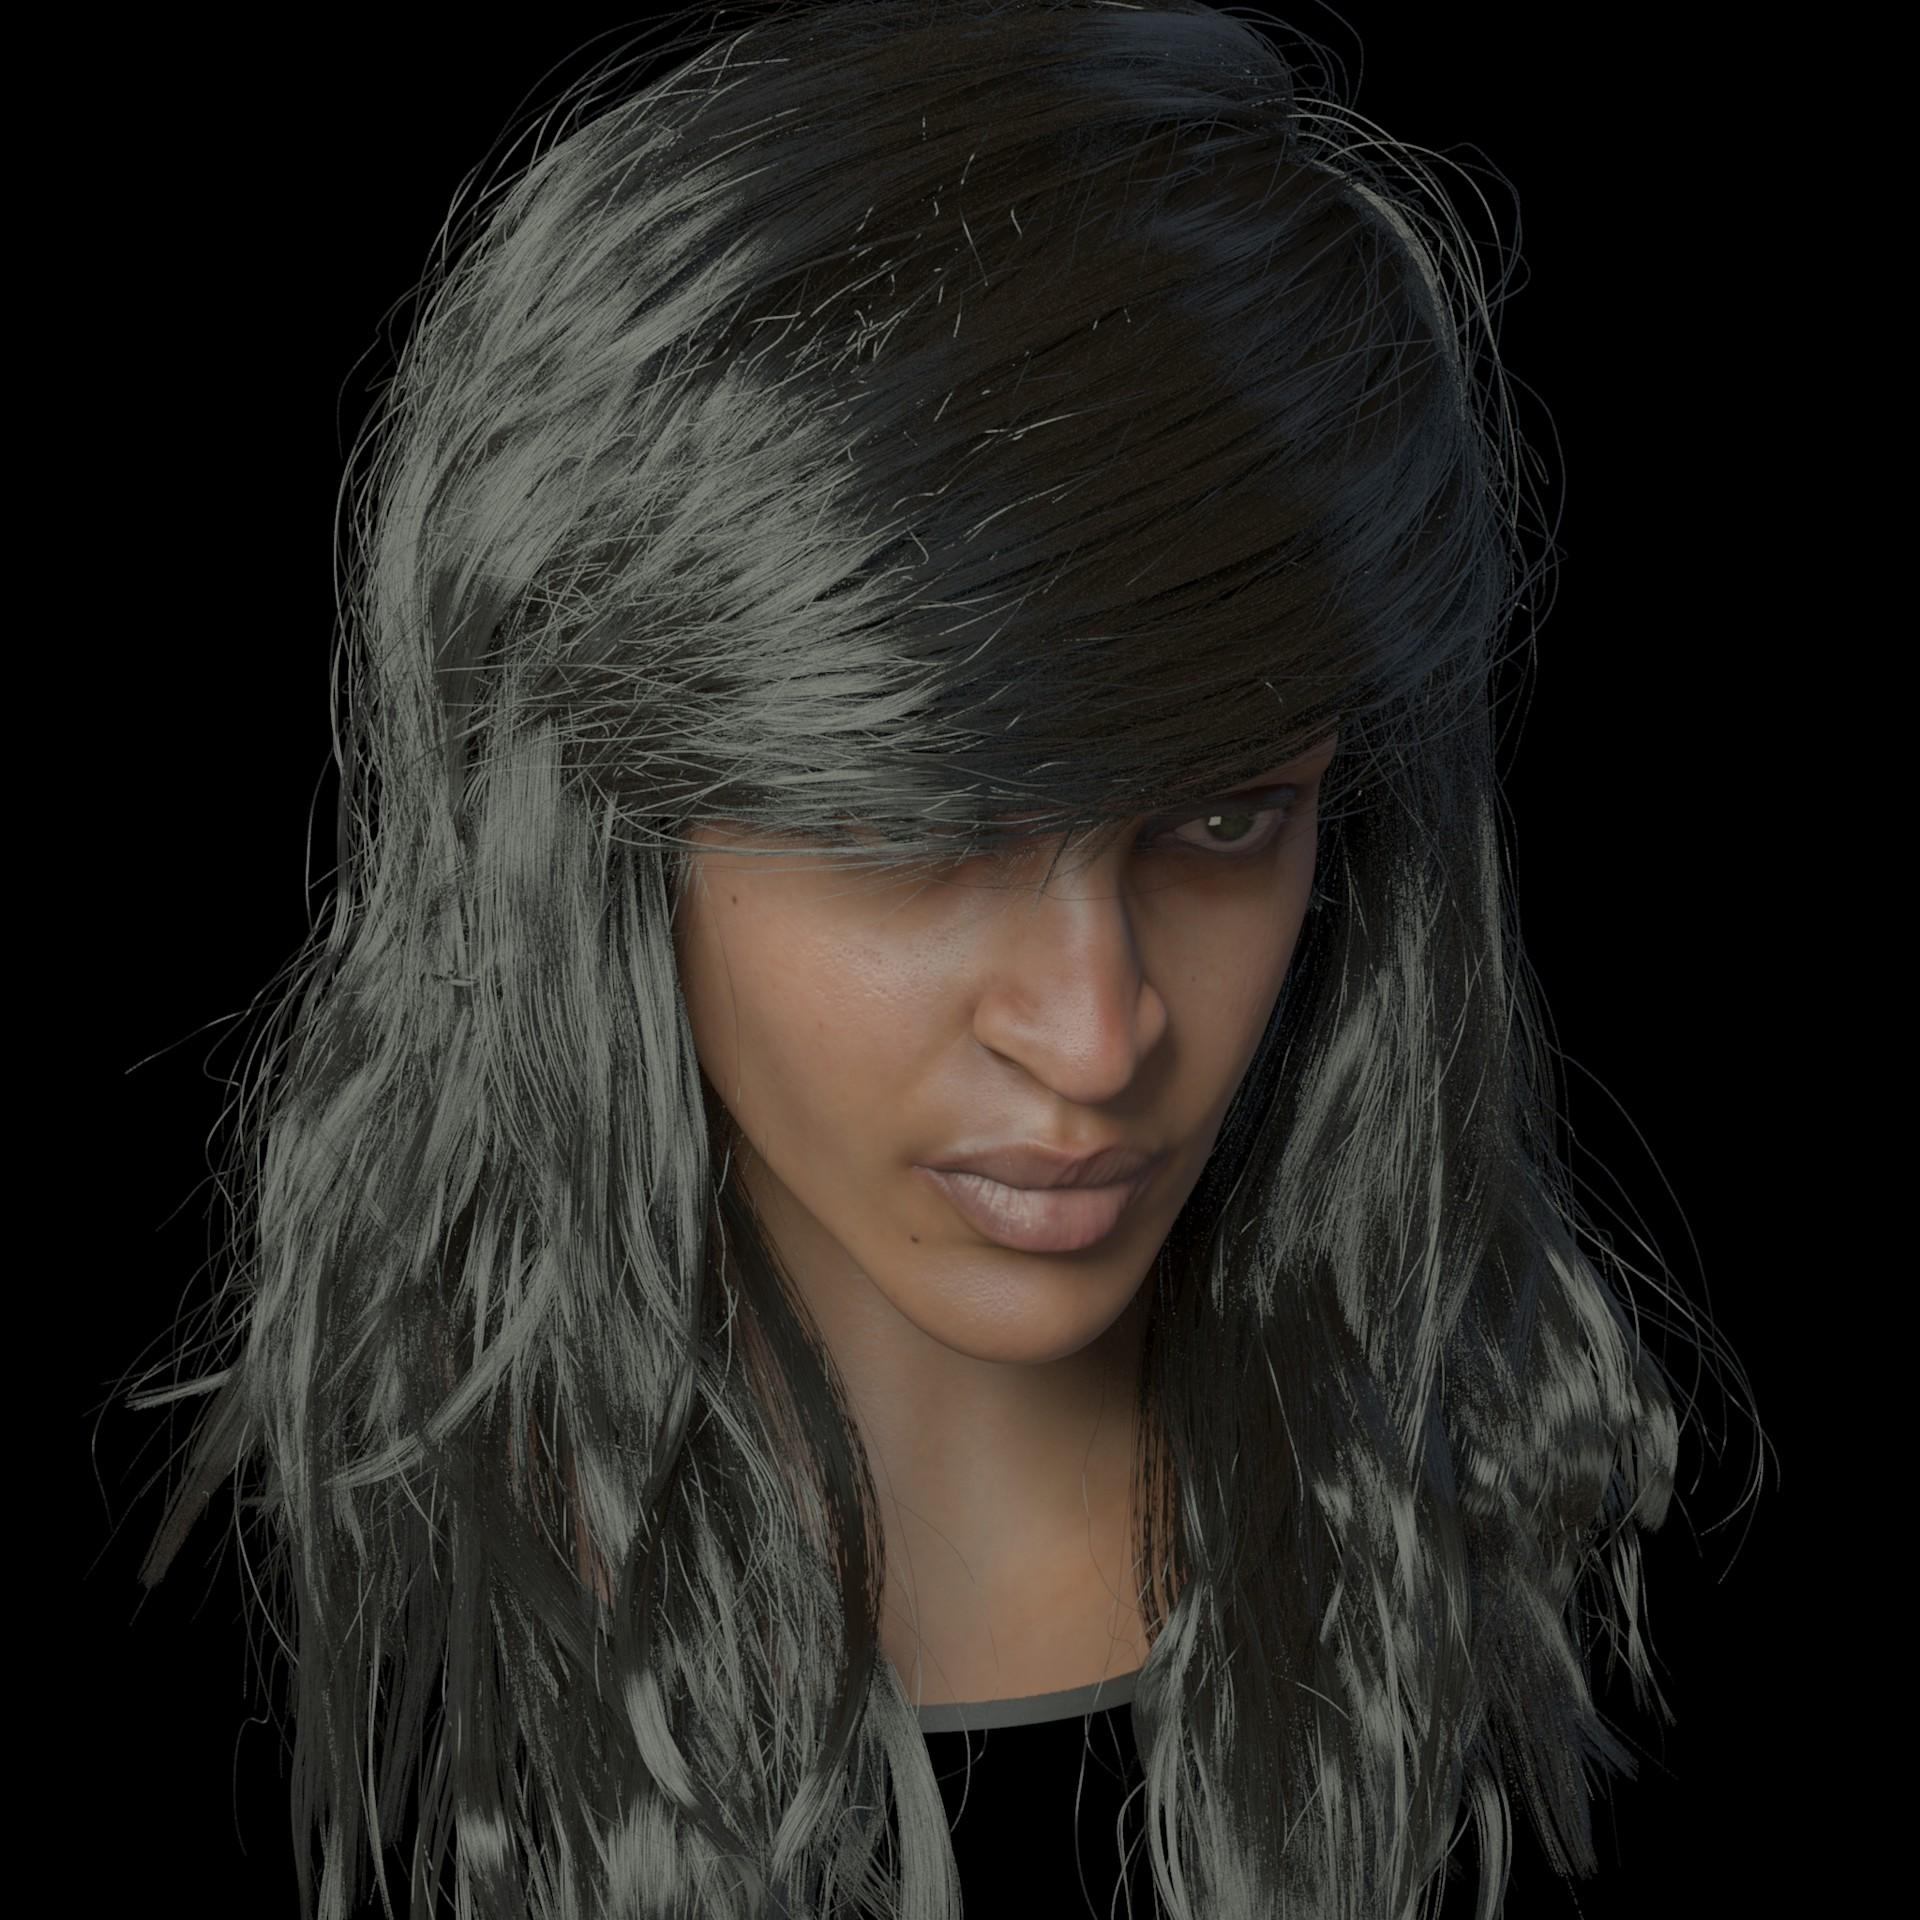 Duc phil nguyen woman test 01